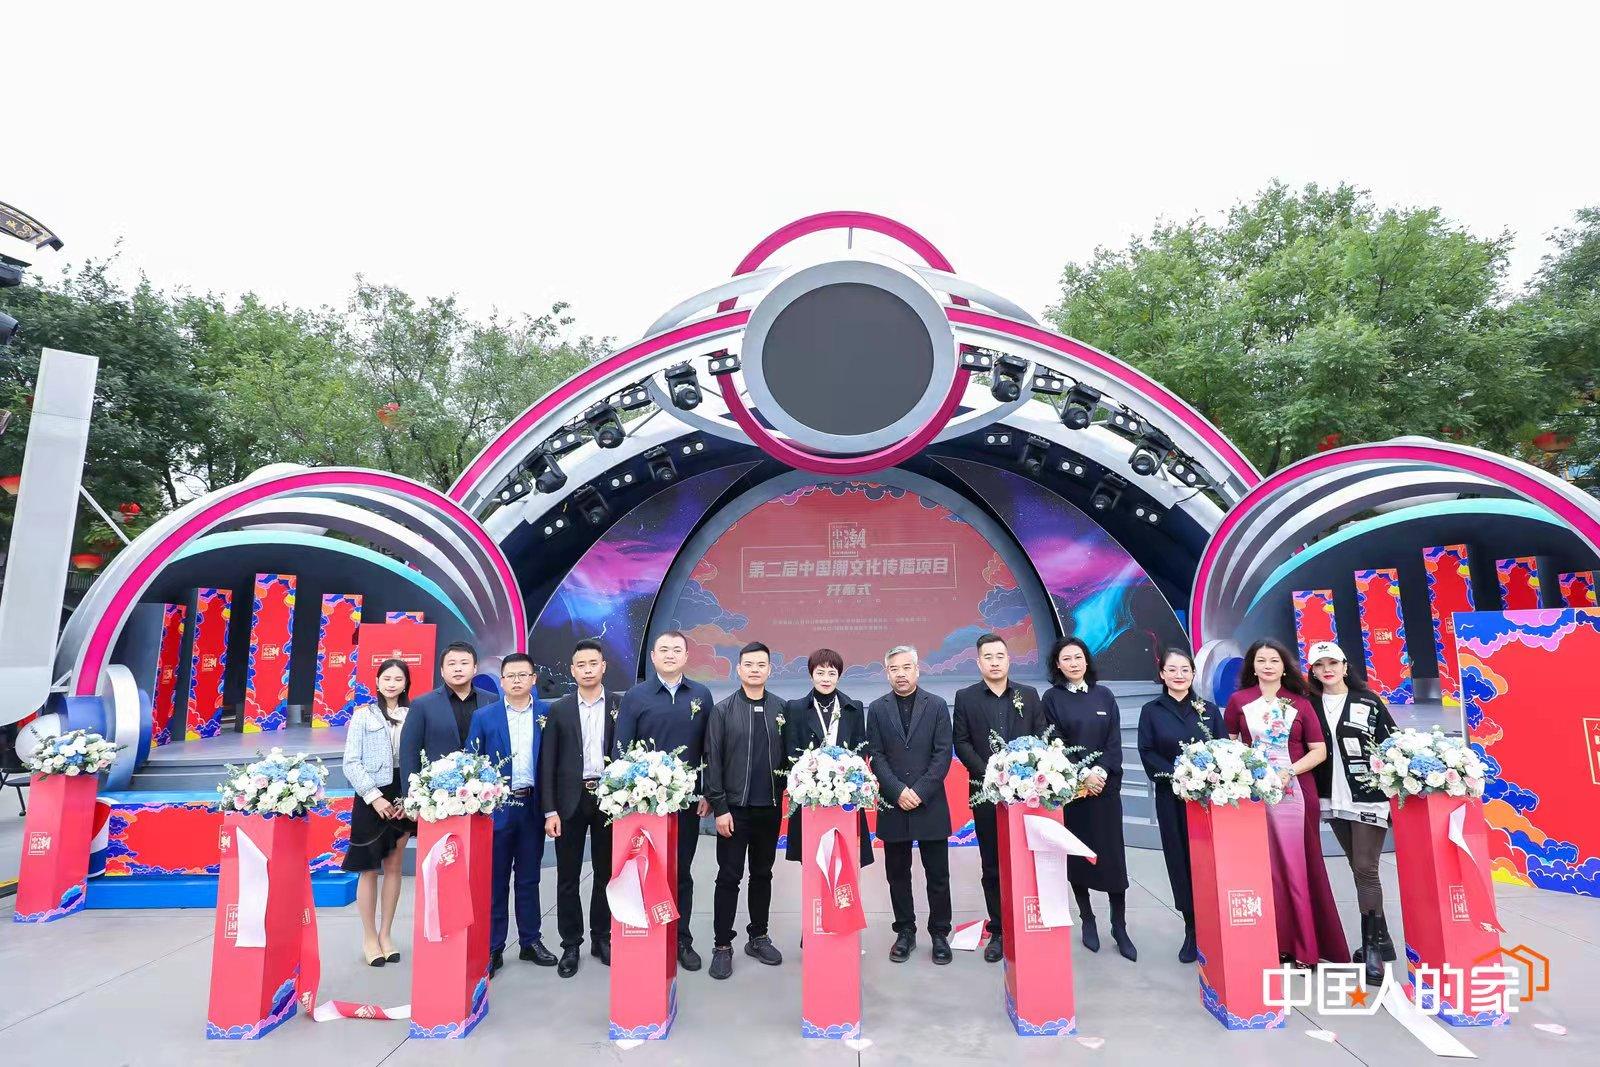 千年舟亮相「中国人的家」丨用木之美学,见证国潮归来